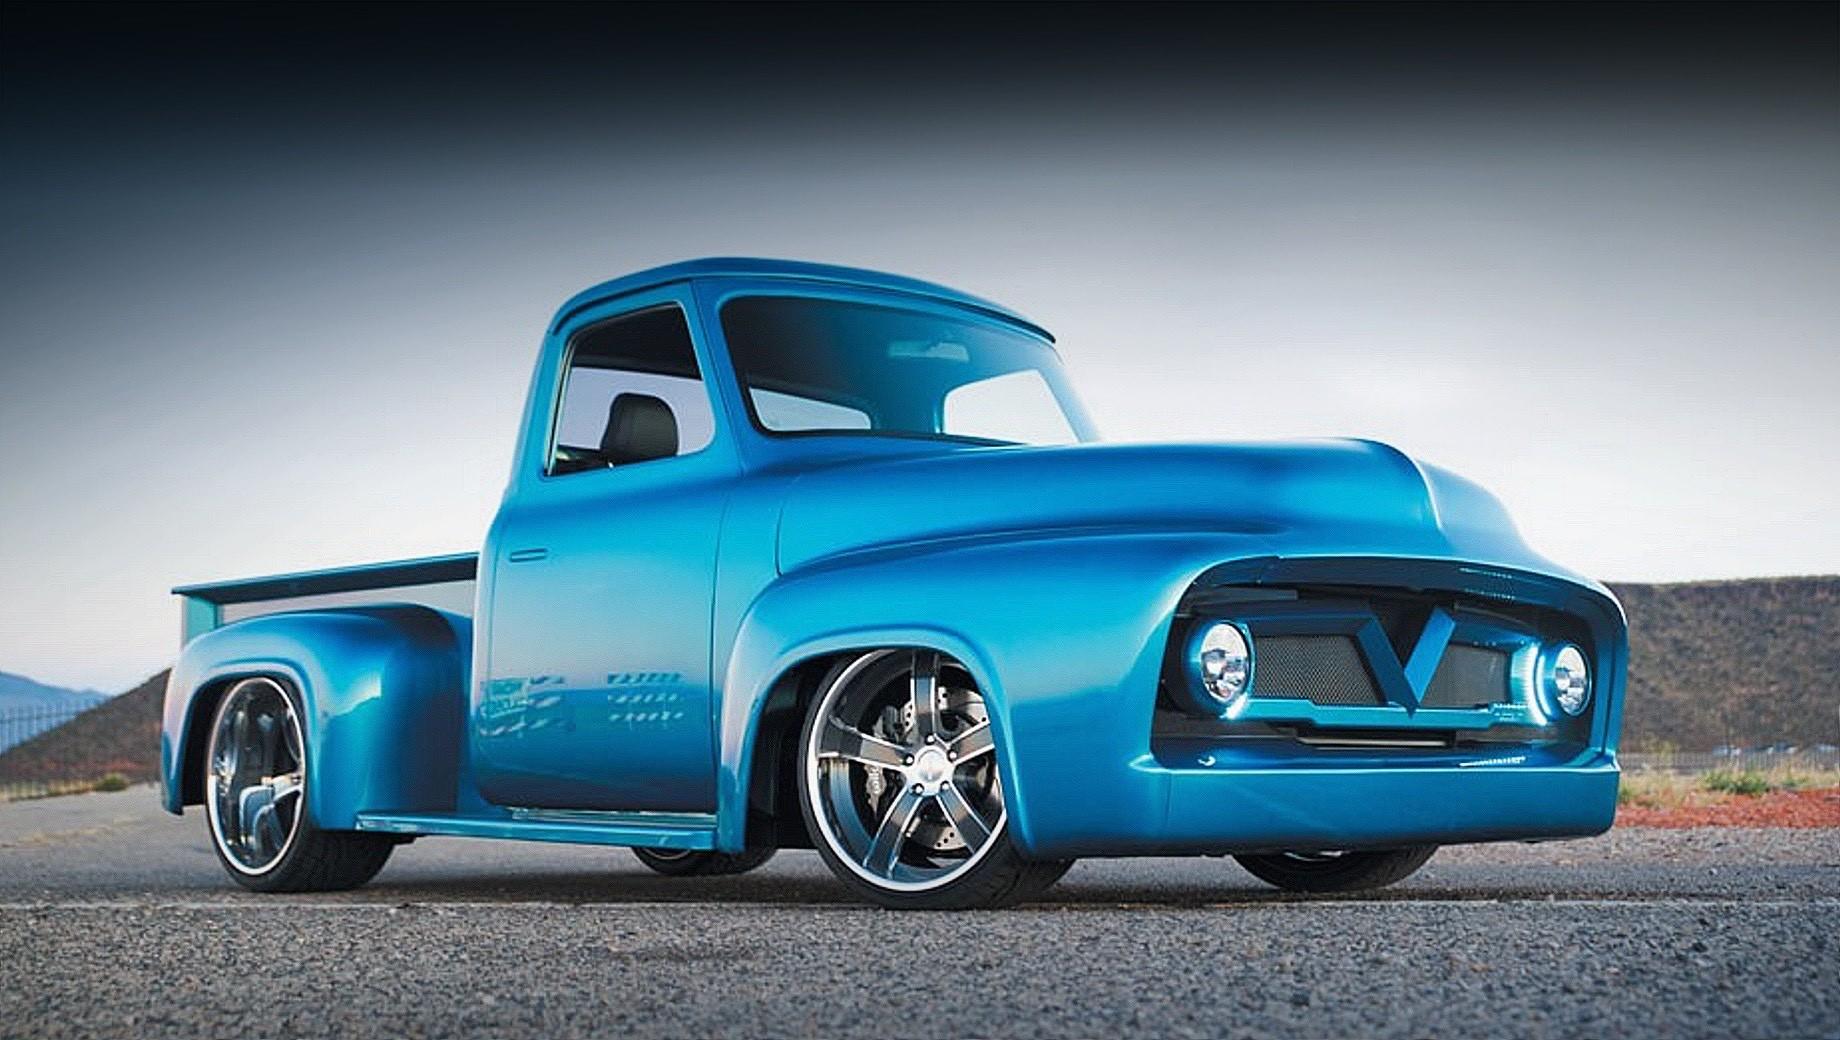 Ford speedtech  f-100,Ford f-100. На разработку рестомода американское ателье потратило больше 13 месяцев. За это время корпус притянулся к земле, радикально обновилась передняя часть, остекление лишилось внешних уплотнителей, исчезли ручки. Для окраски использовали оттенок BMW Rock Fish Blue.